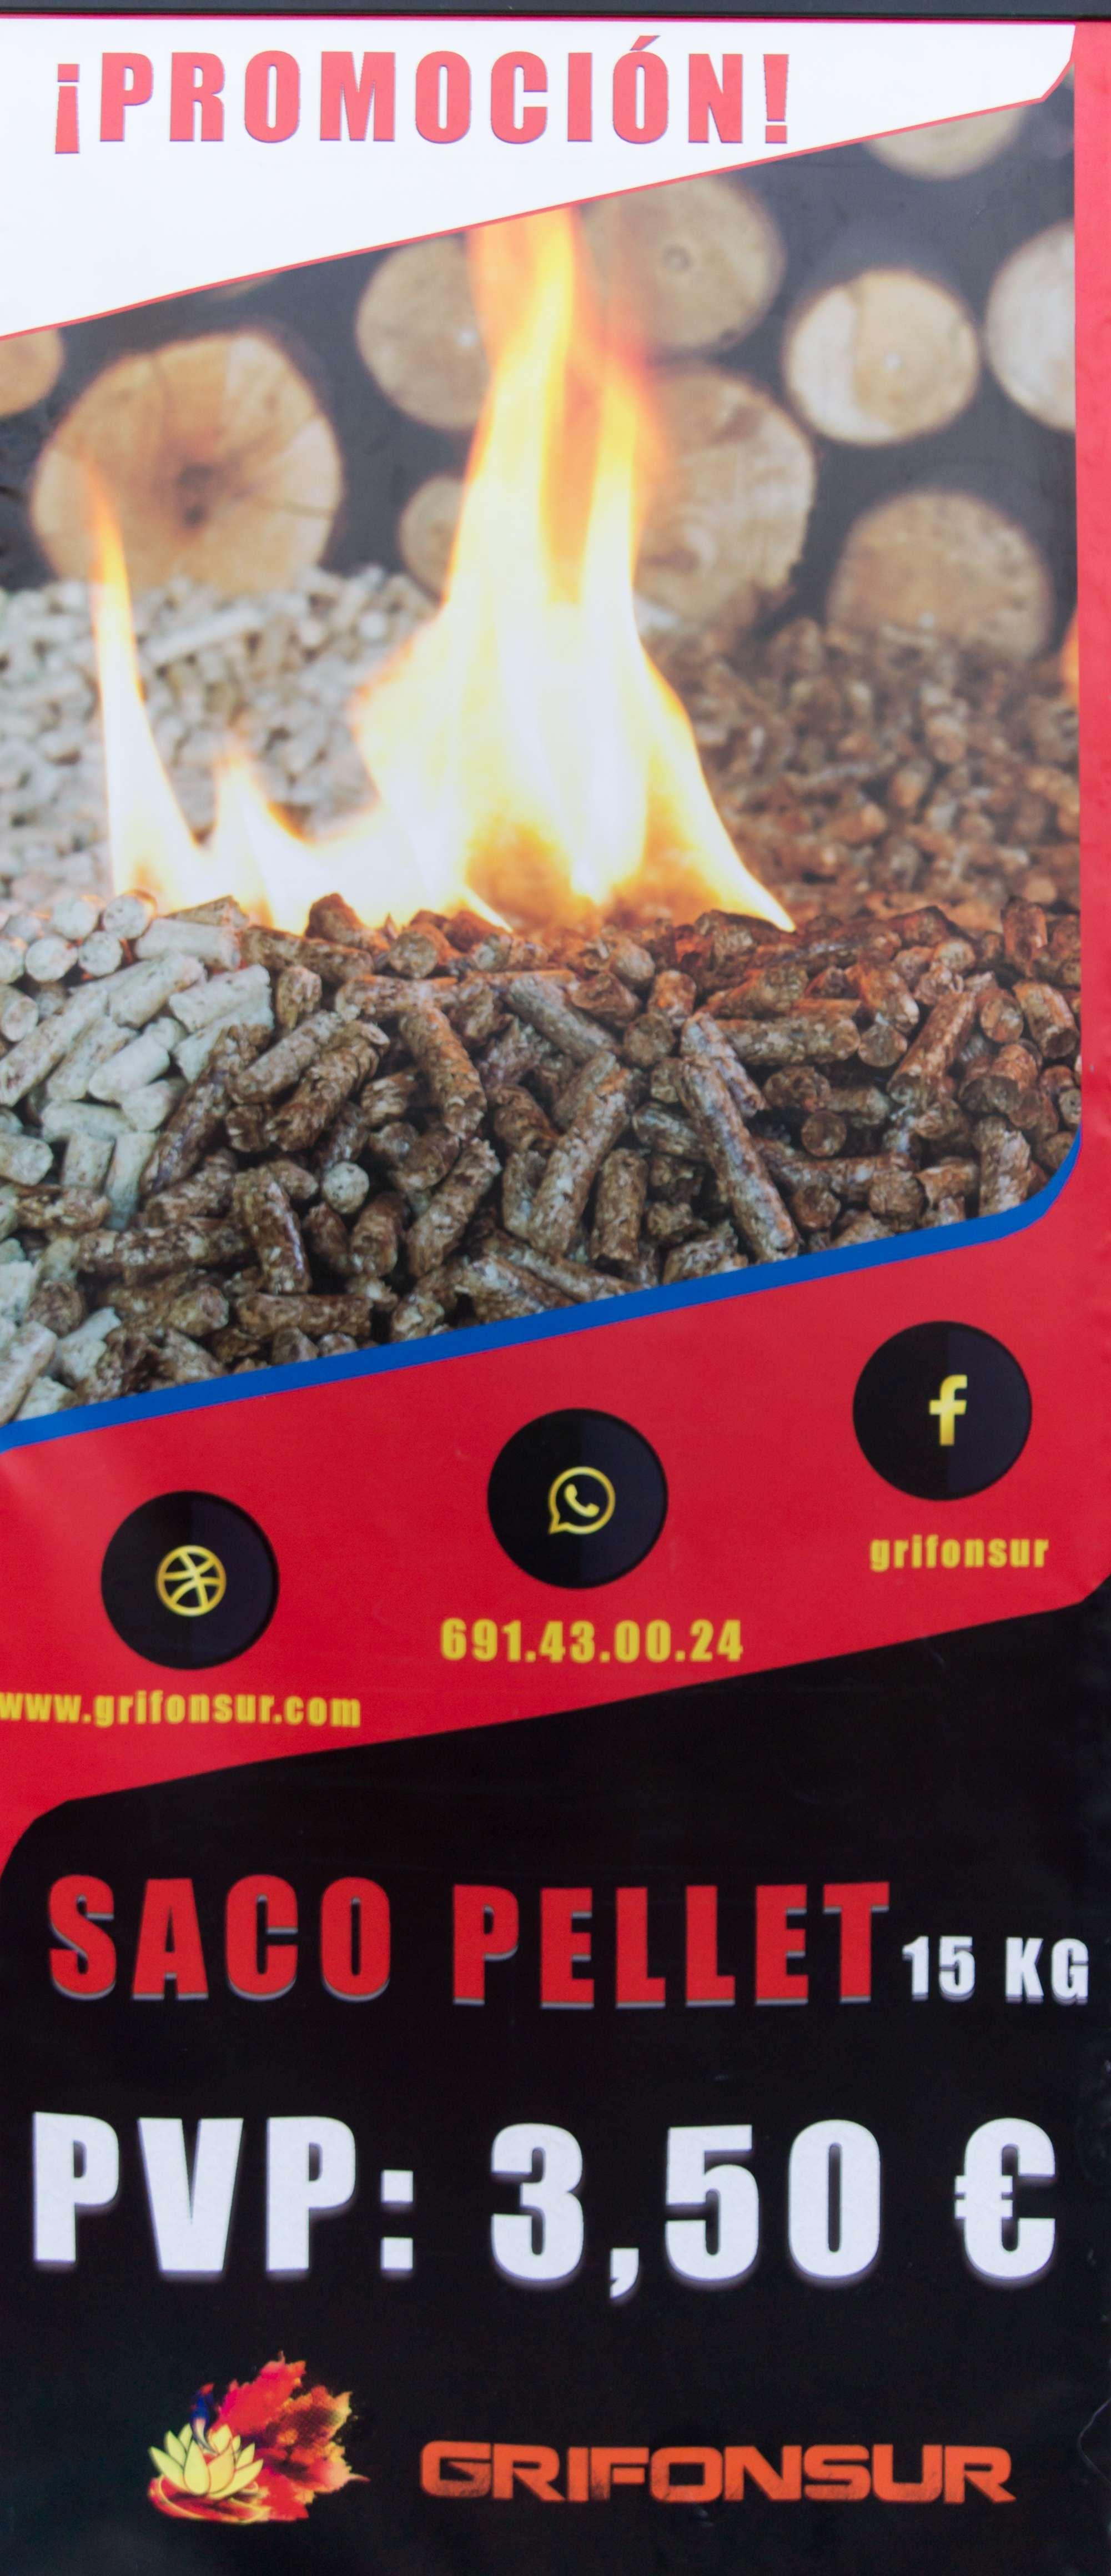 Gran promoción de pellets para tu estufa